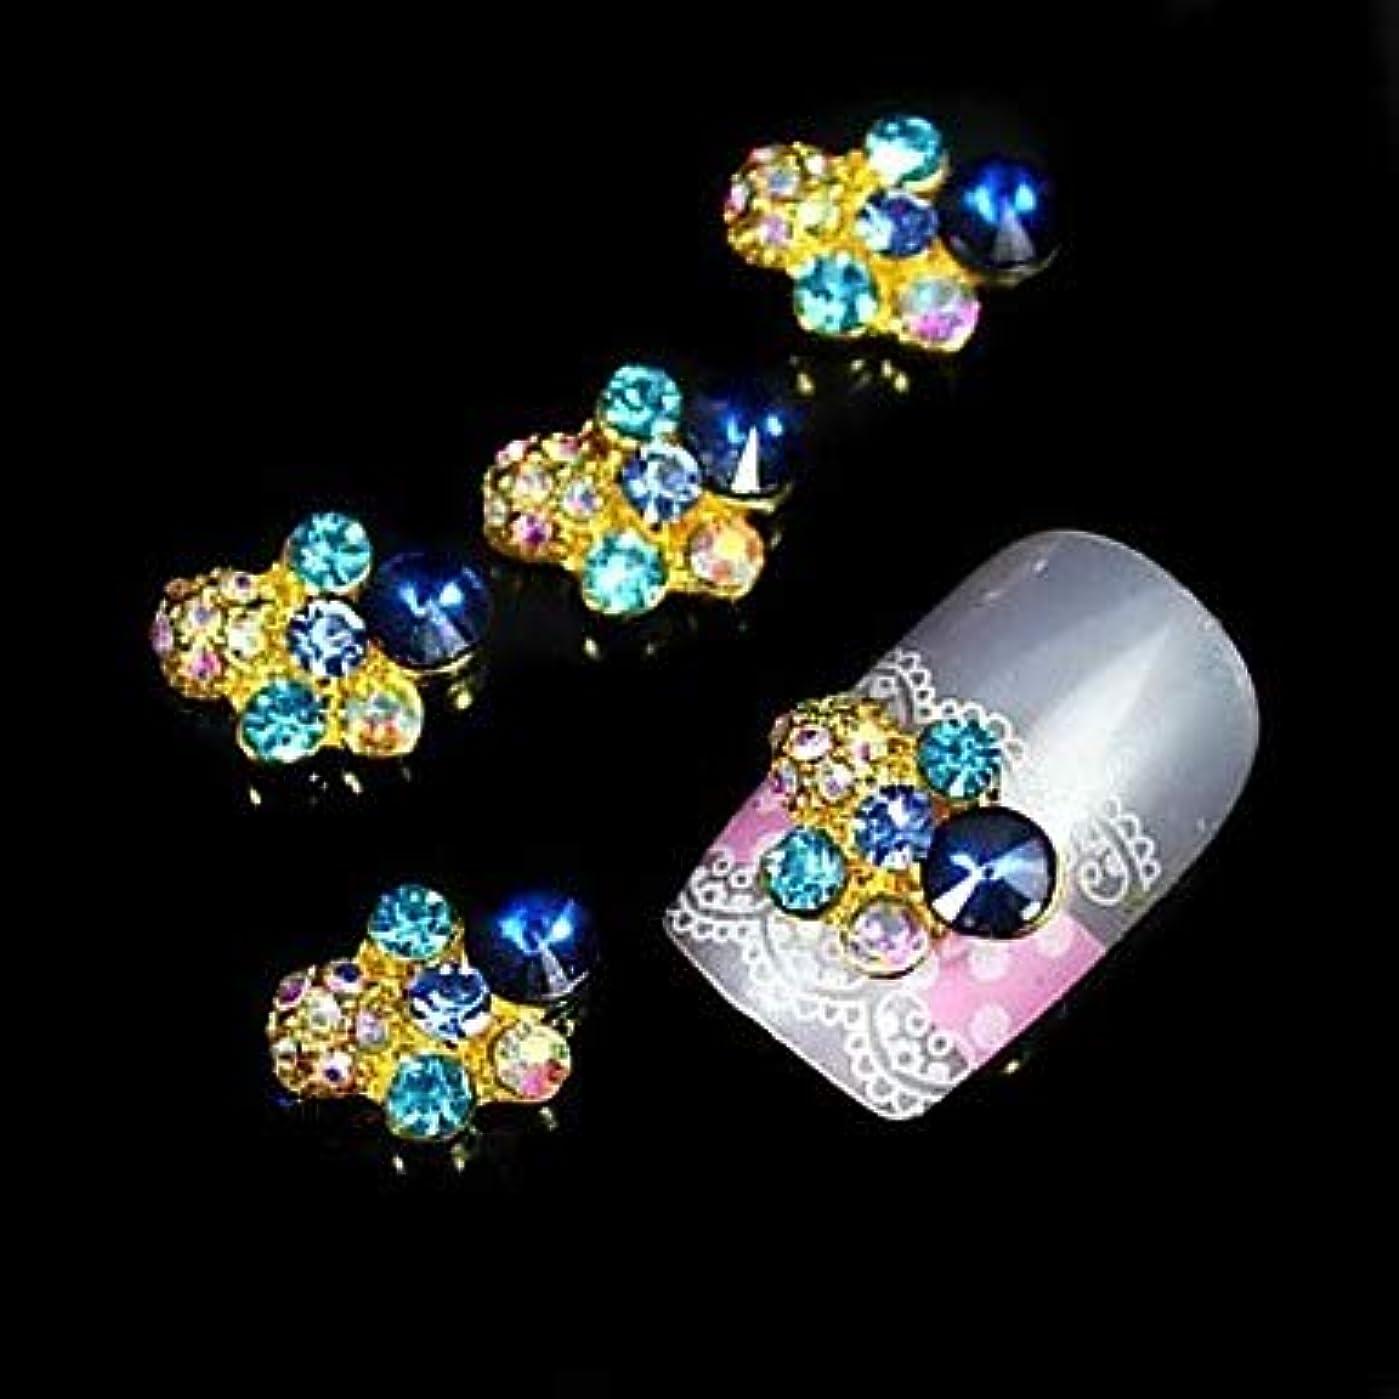 ローマ人バリア転送指のつま先のための金属のネイルジュエリー他の素敵なネイルアートマニキュアペディキュアフルーツの花抽象毎日漫画パンク